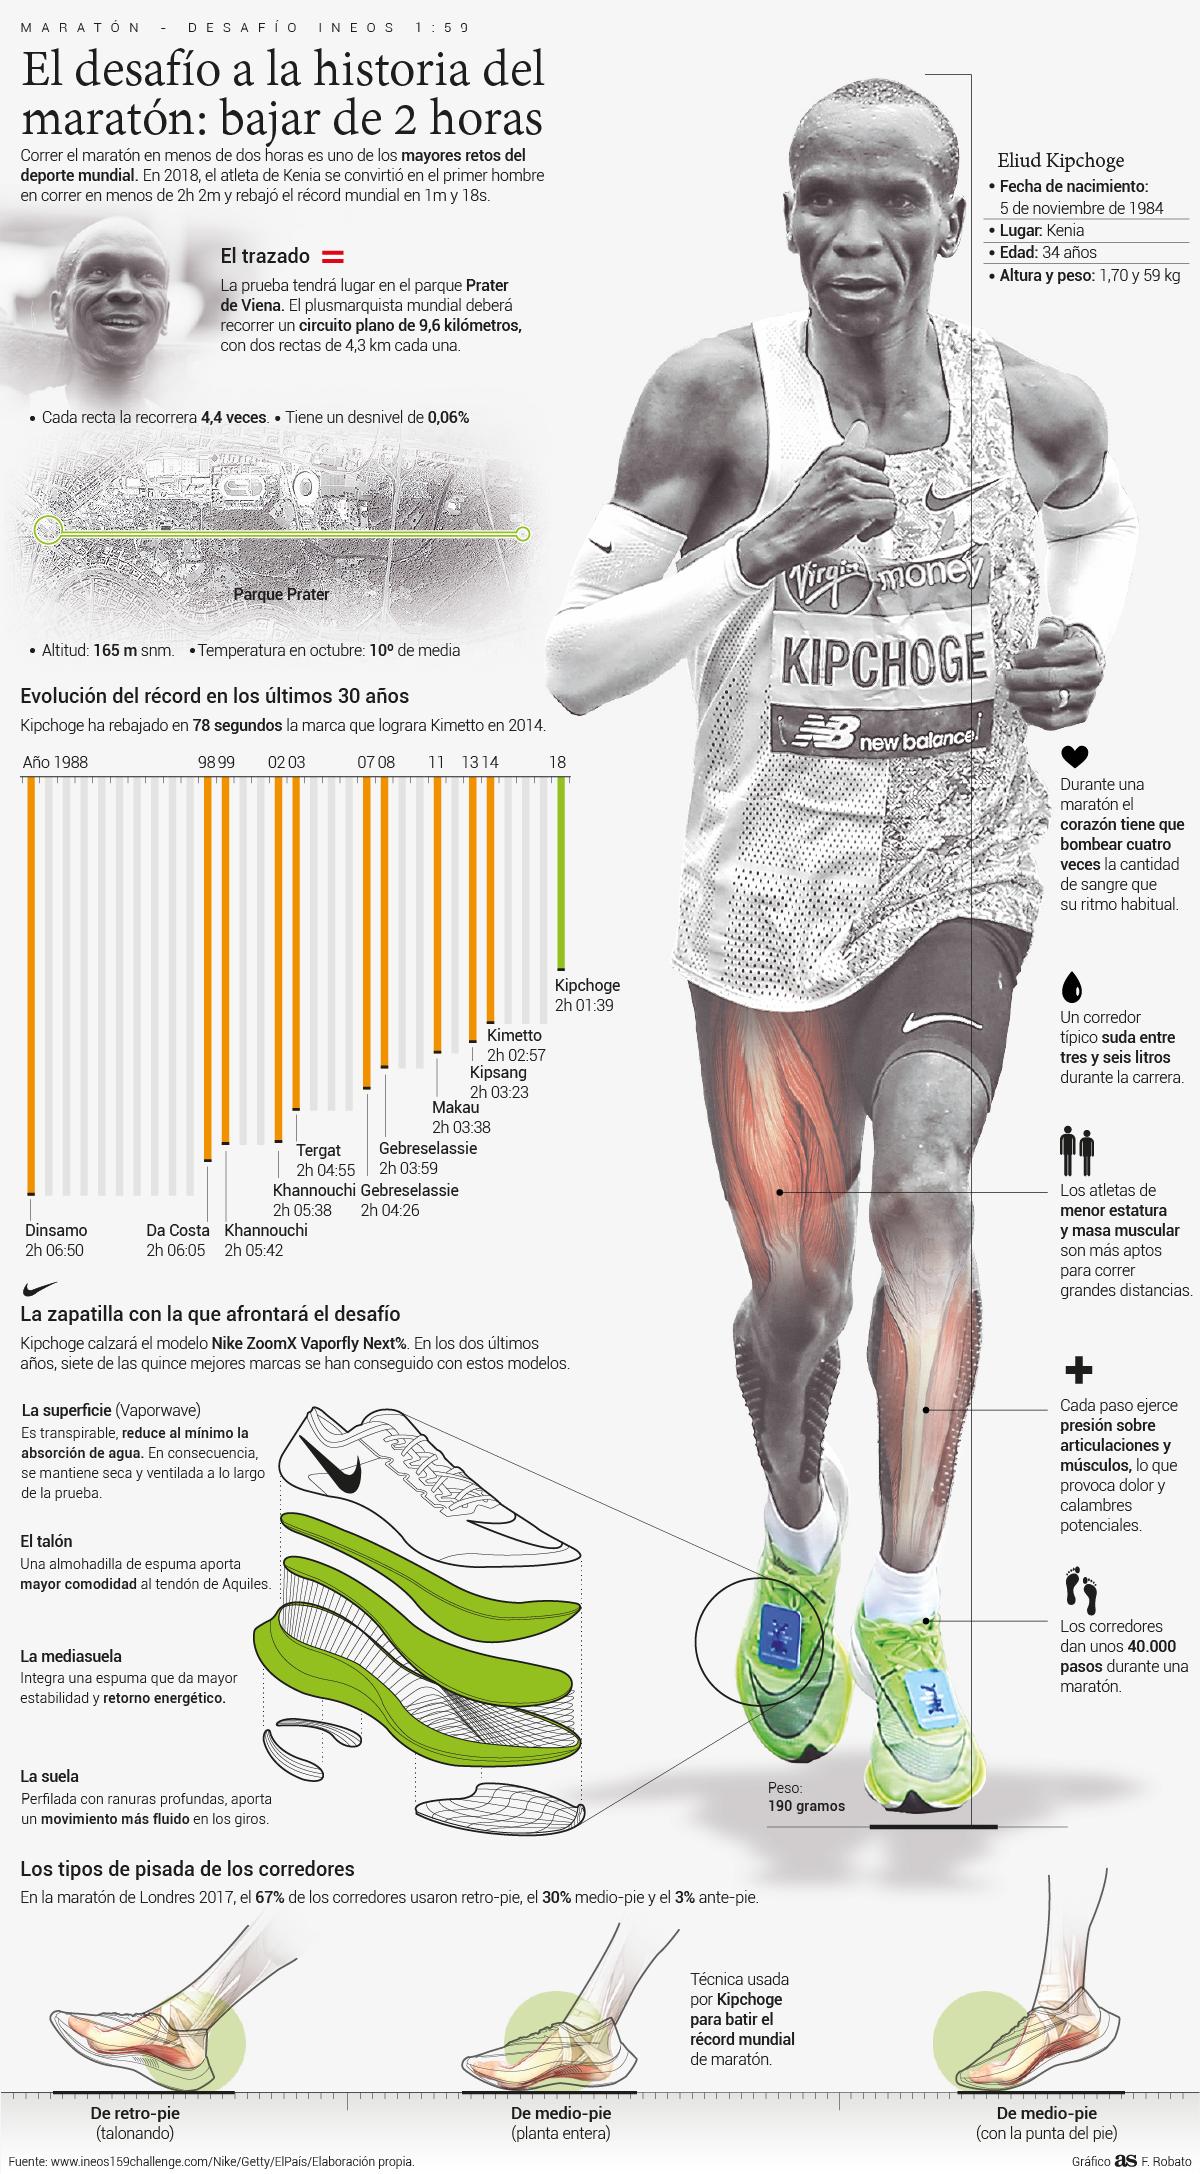 visa Hacer Trascendencia  Atletismo: Cómo pretende Kipchoge bajar de las dos horas en la maratón -  AS.com